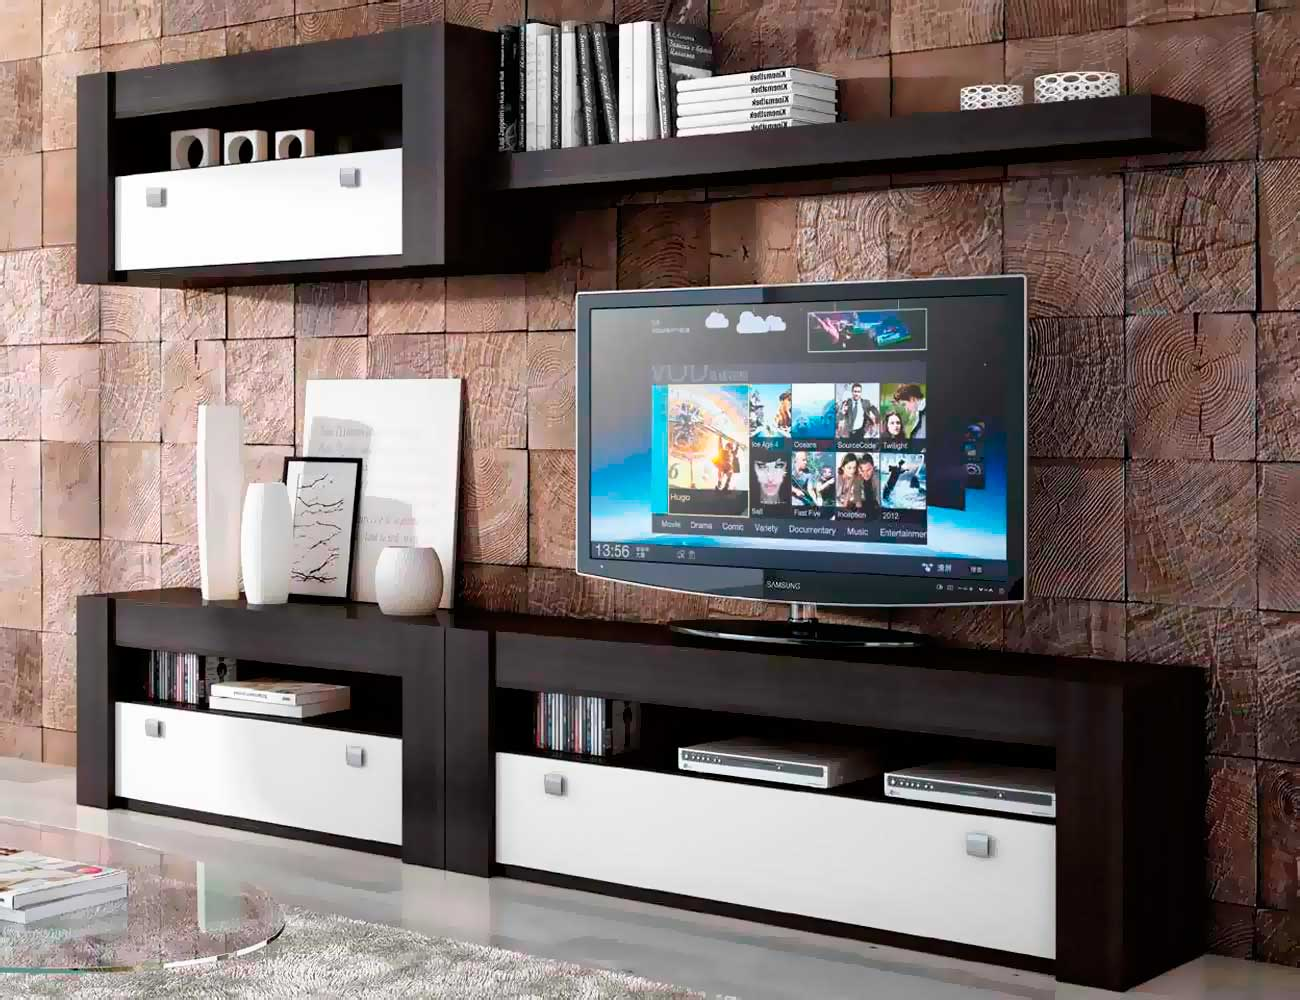 Mueble de sal n modular moderno en cambrian blanco - Mueble salon modular ...